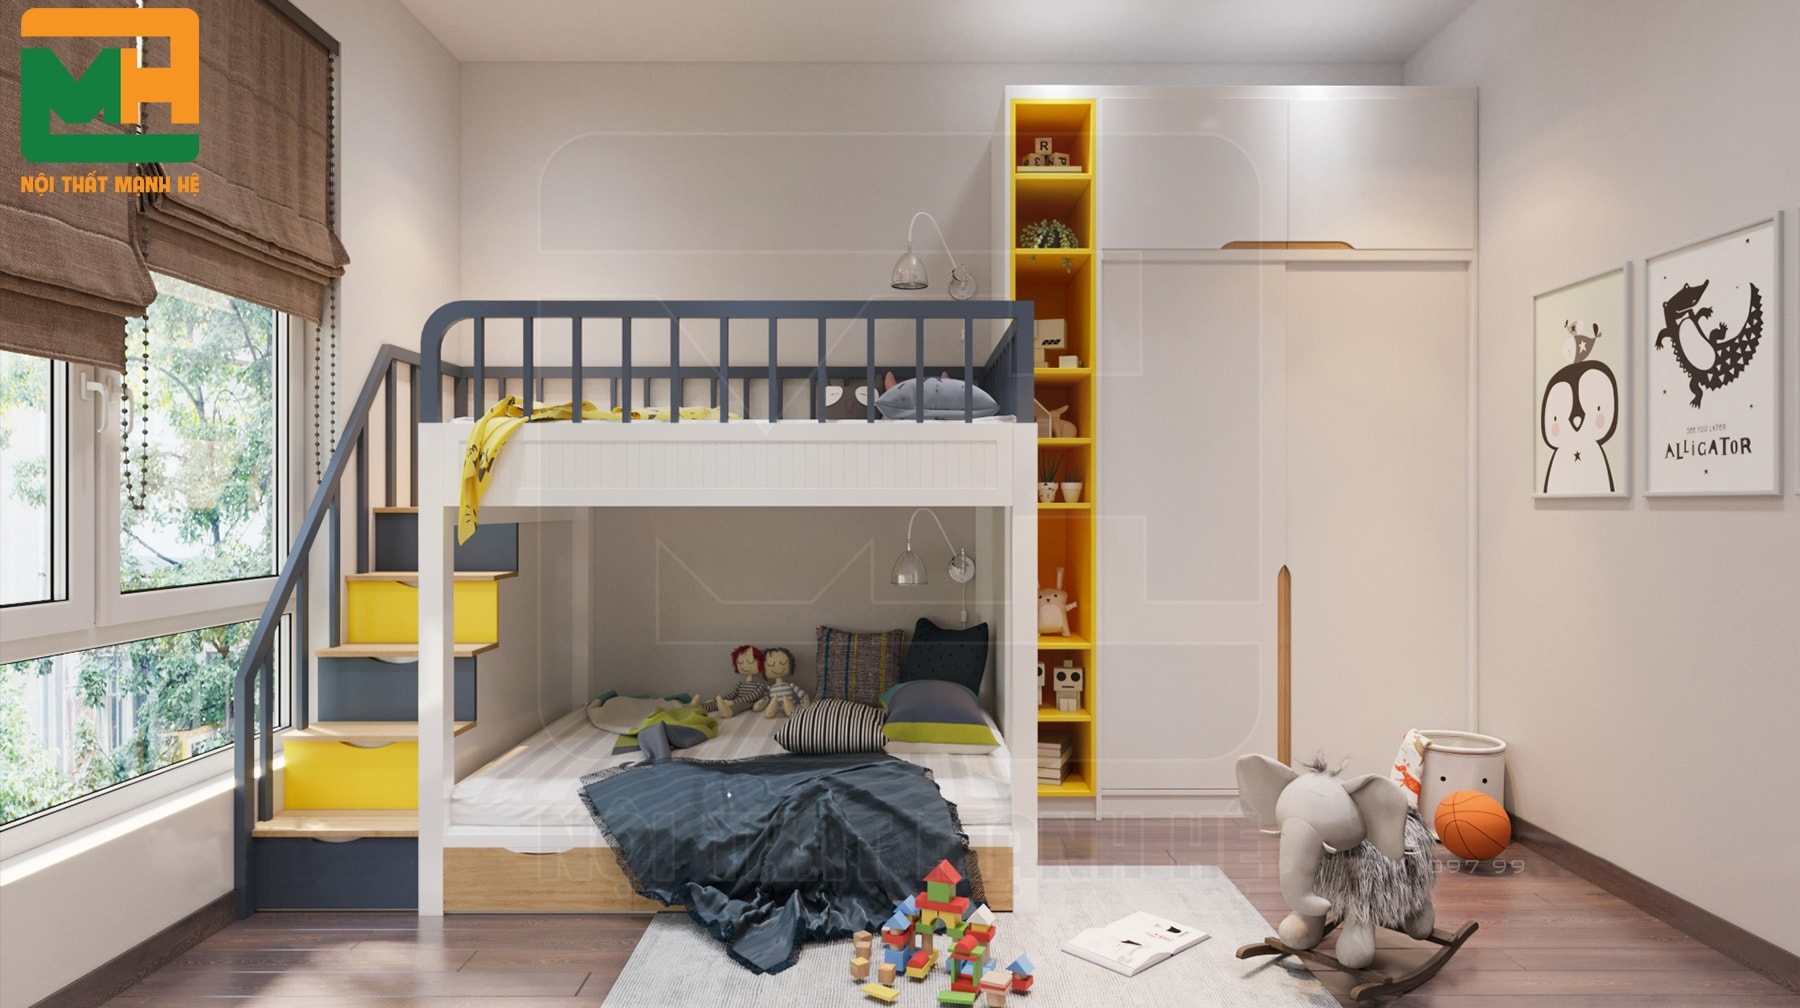 mẫu nội thất phòng ngủ 2 bé trai